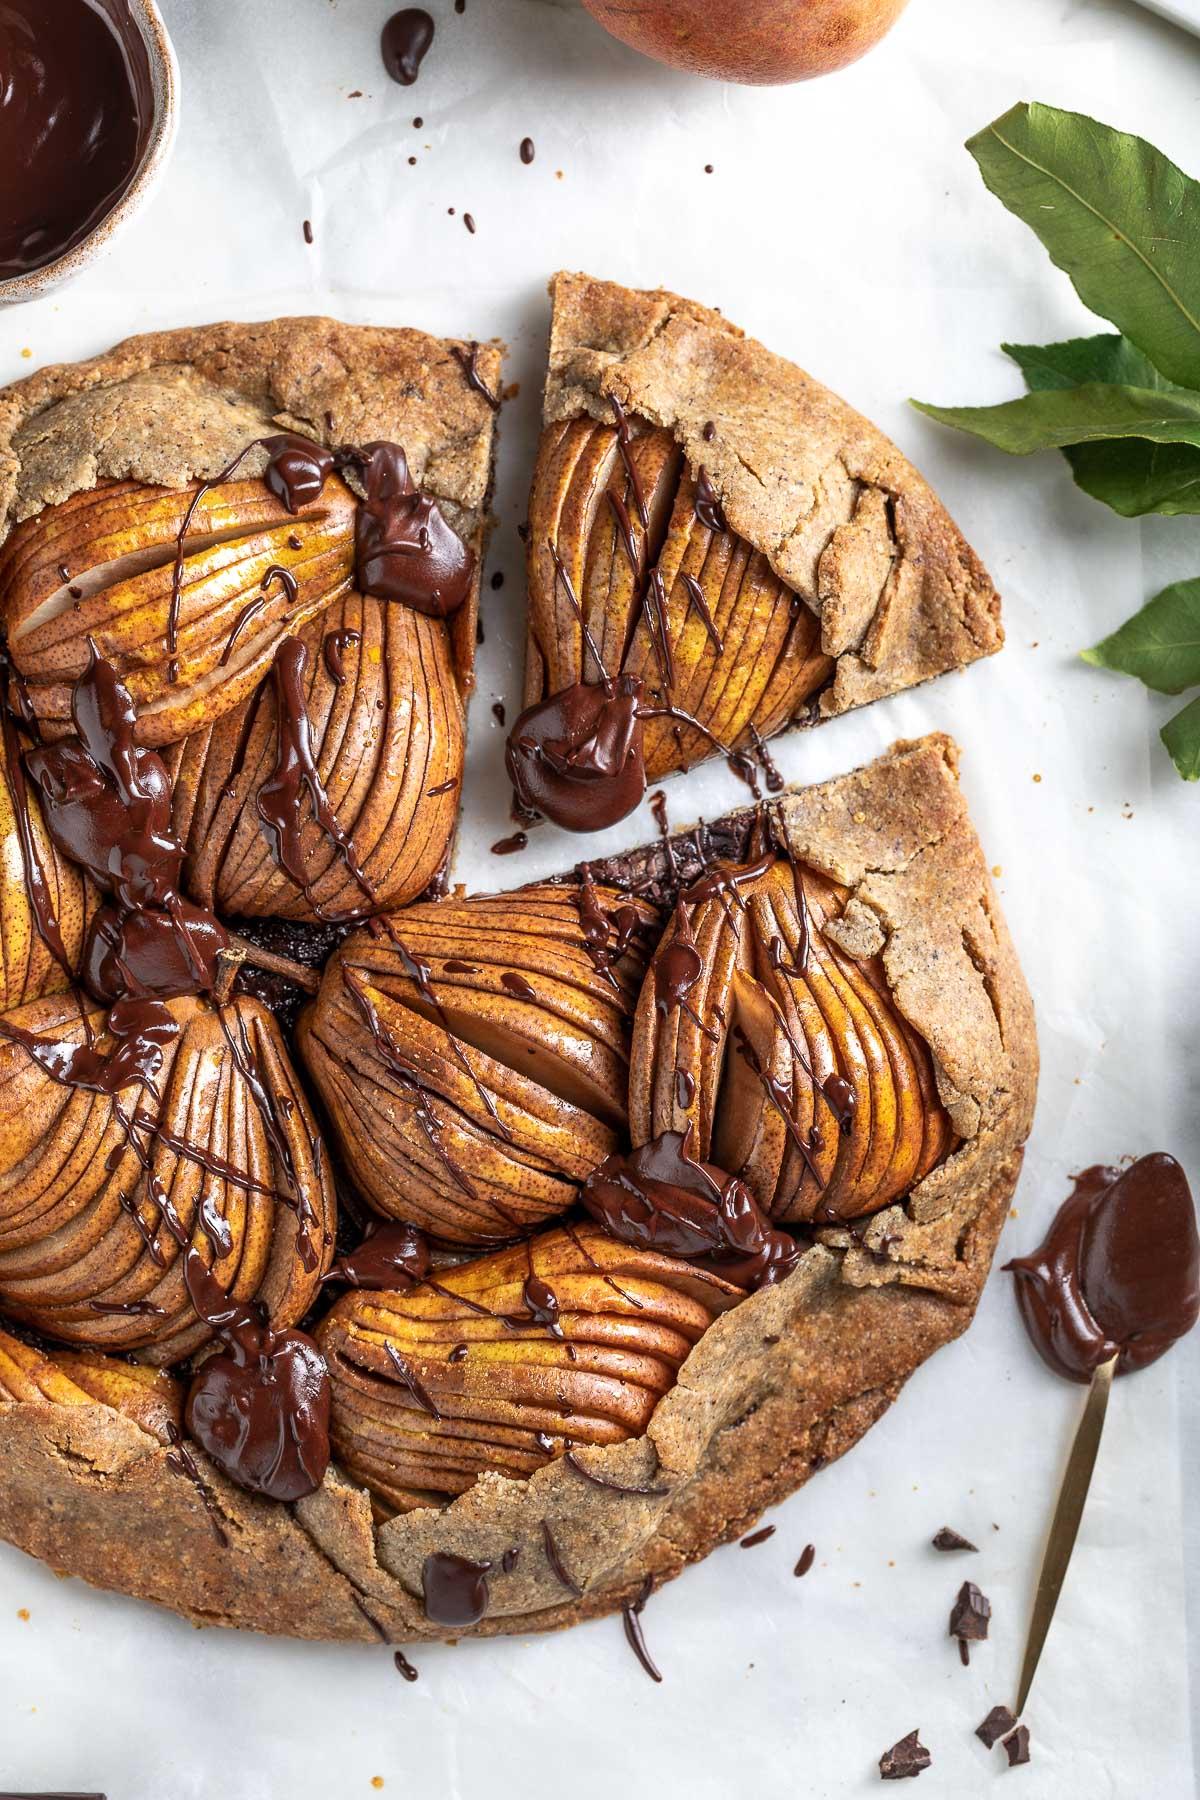 Gluten-free Buckwheat Almond Vegan Chocolate Pear Galette recipe Galette al cioccolato e pere vegan senza glutine crostata pasta frolla grano saraceno e mandorle #pear #chocolate #vegan #glutenfree